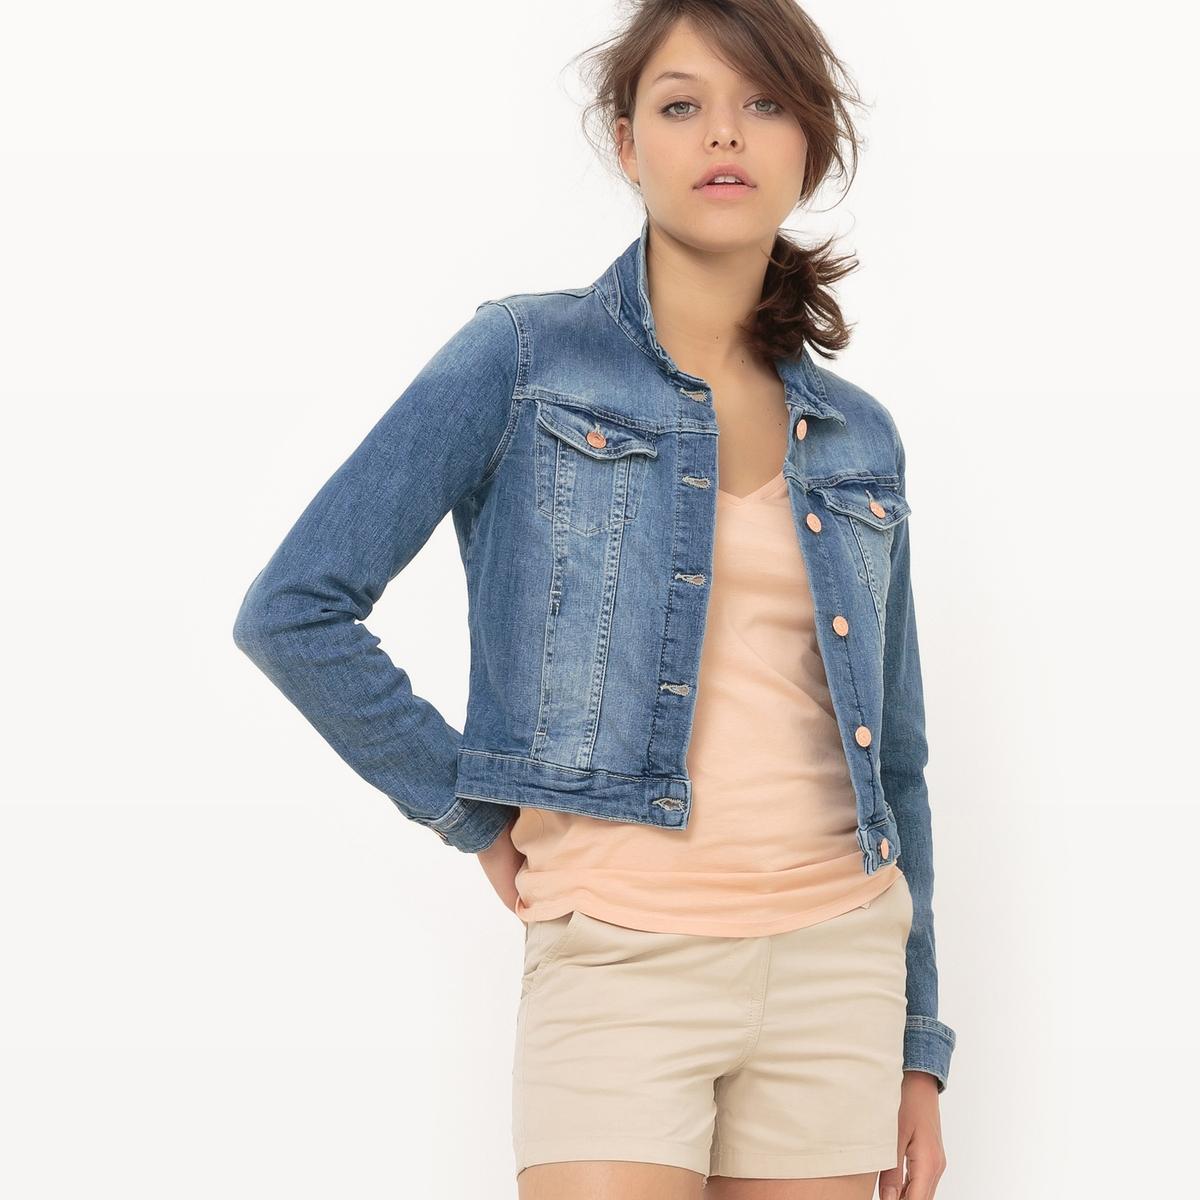 Жакет короткий джинсовыйМатериал : 99% хлопка, 1% эластана Покрой : прямой Форма воротника : без воротника Тип жакета   : широкий Длина жакета   : укороченная модель Рисунок : Однотонная модель<br><br>Цвет: синий вытертый